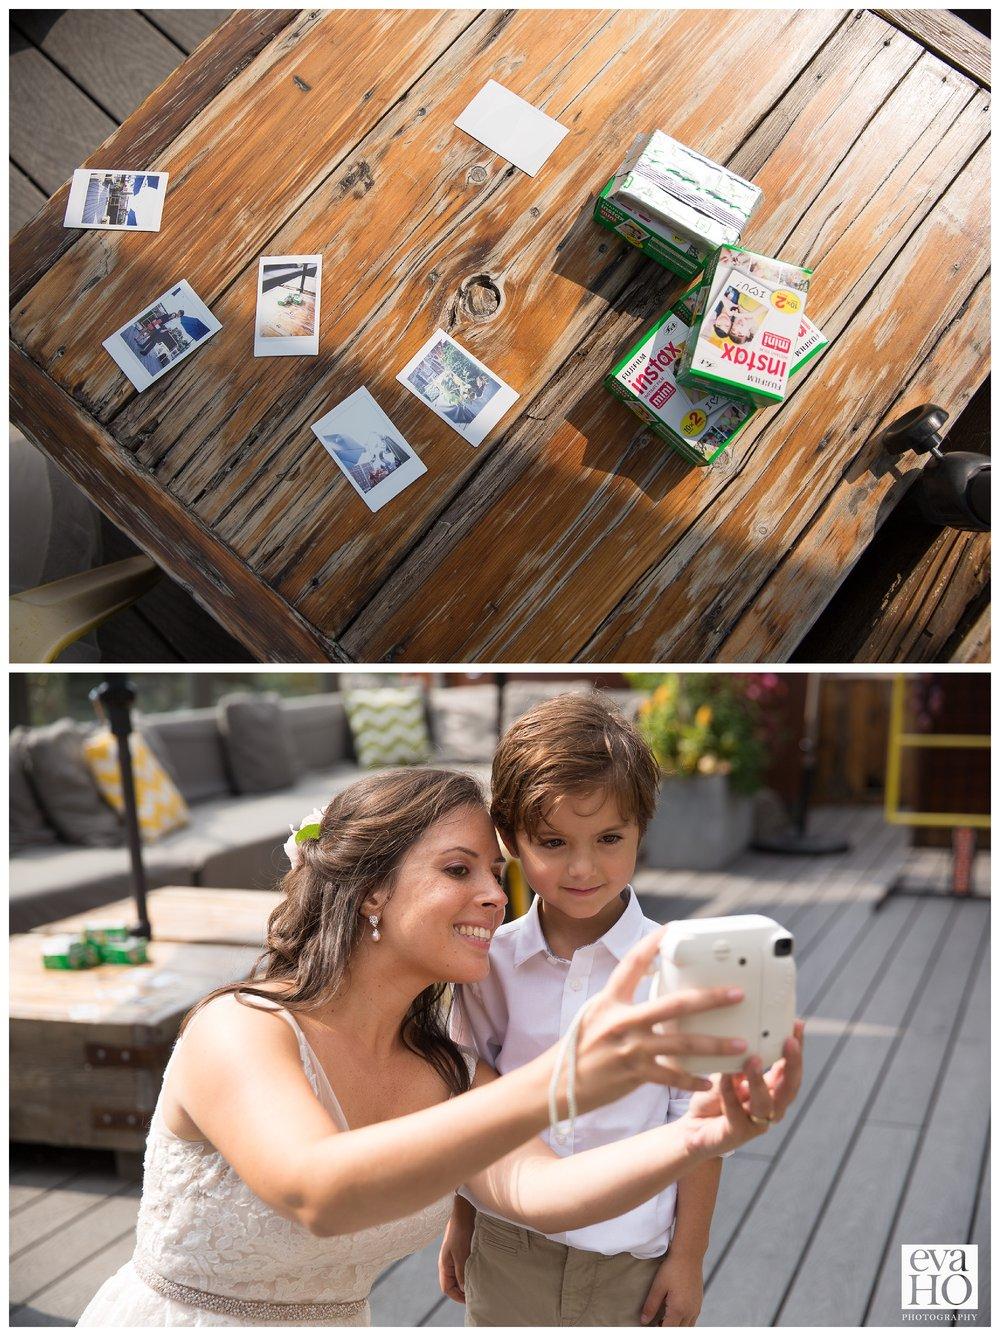 Fun Polaroid shots!